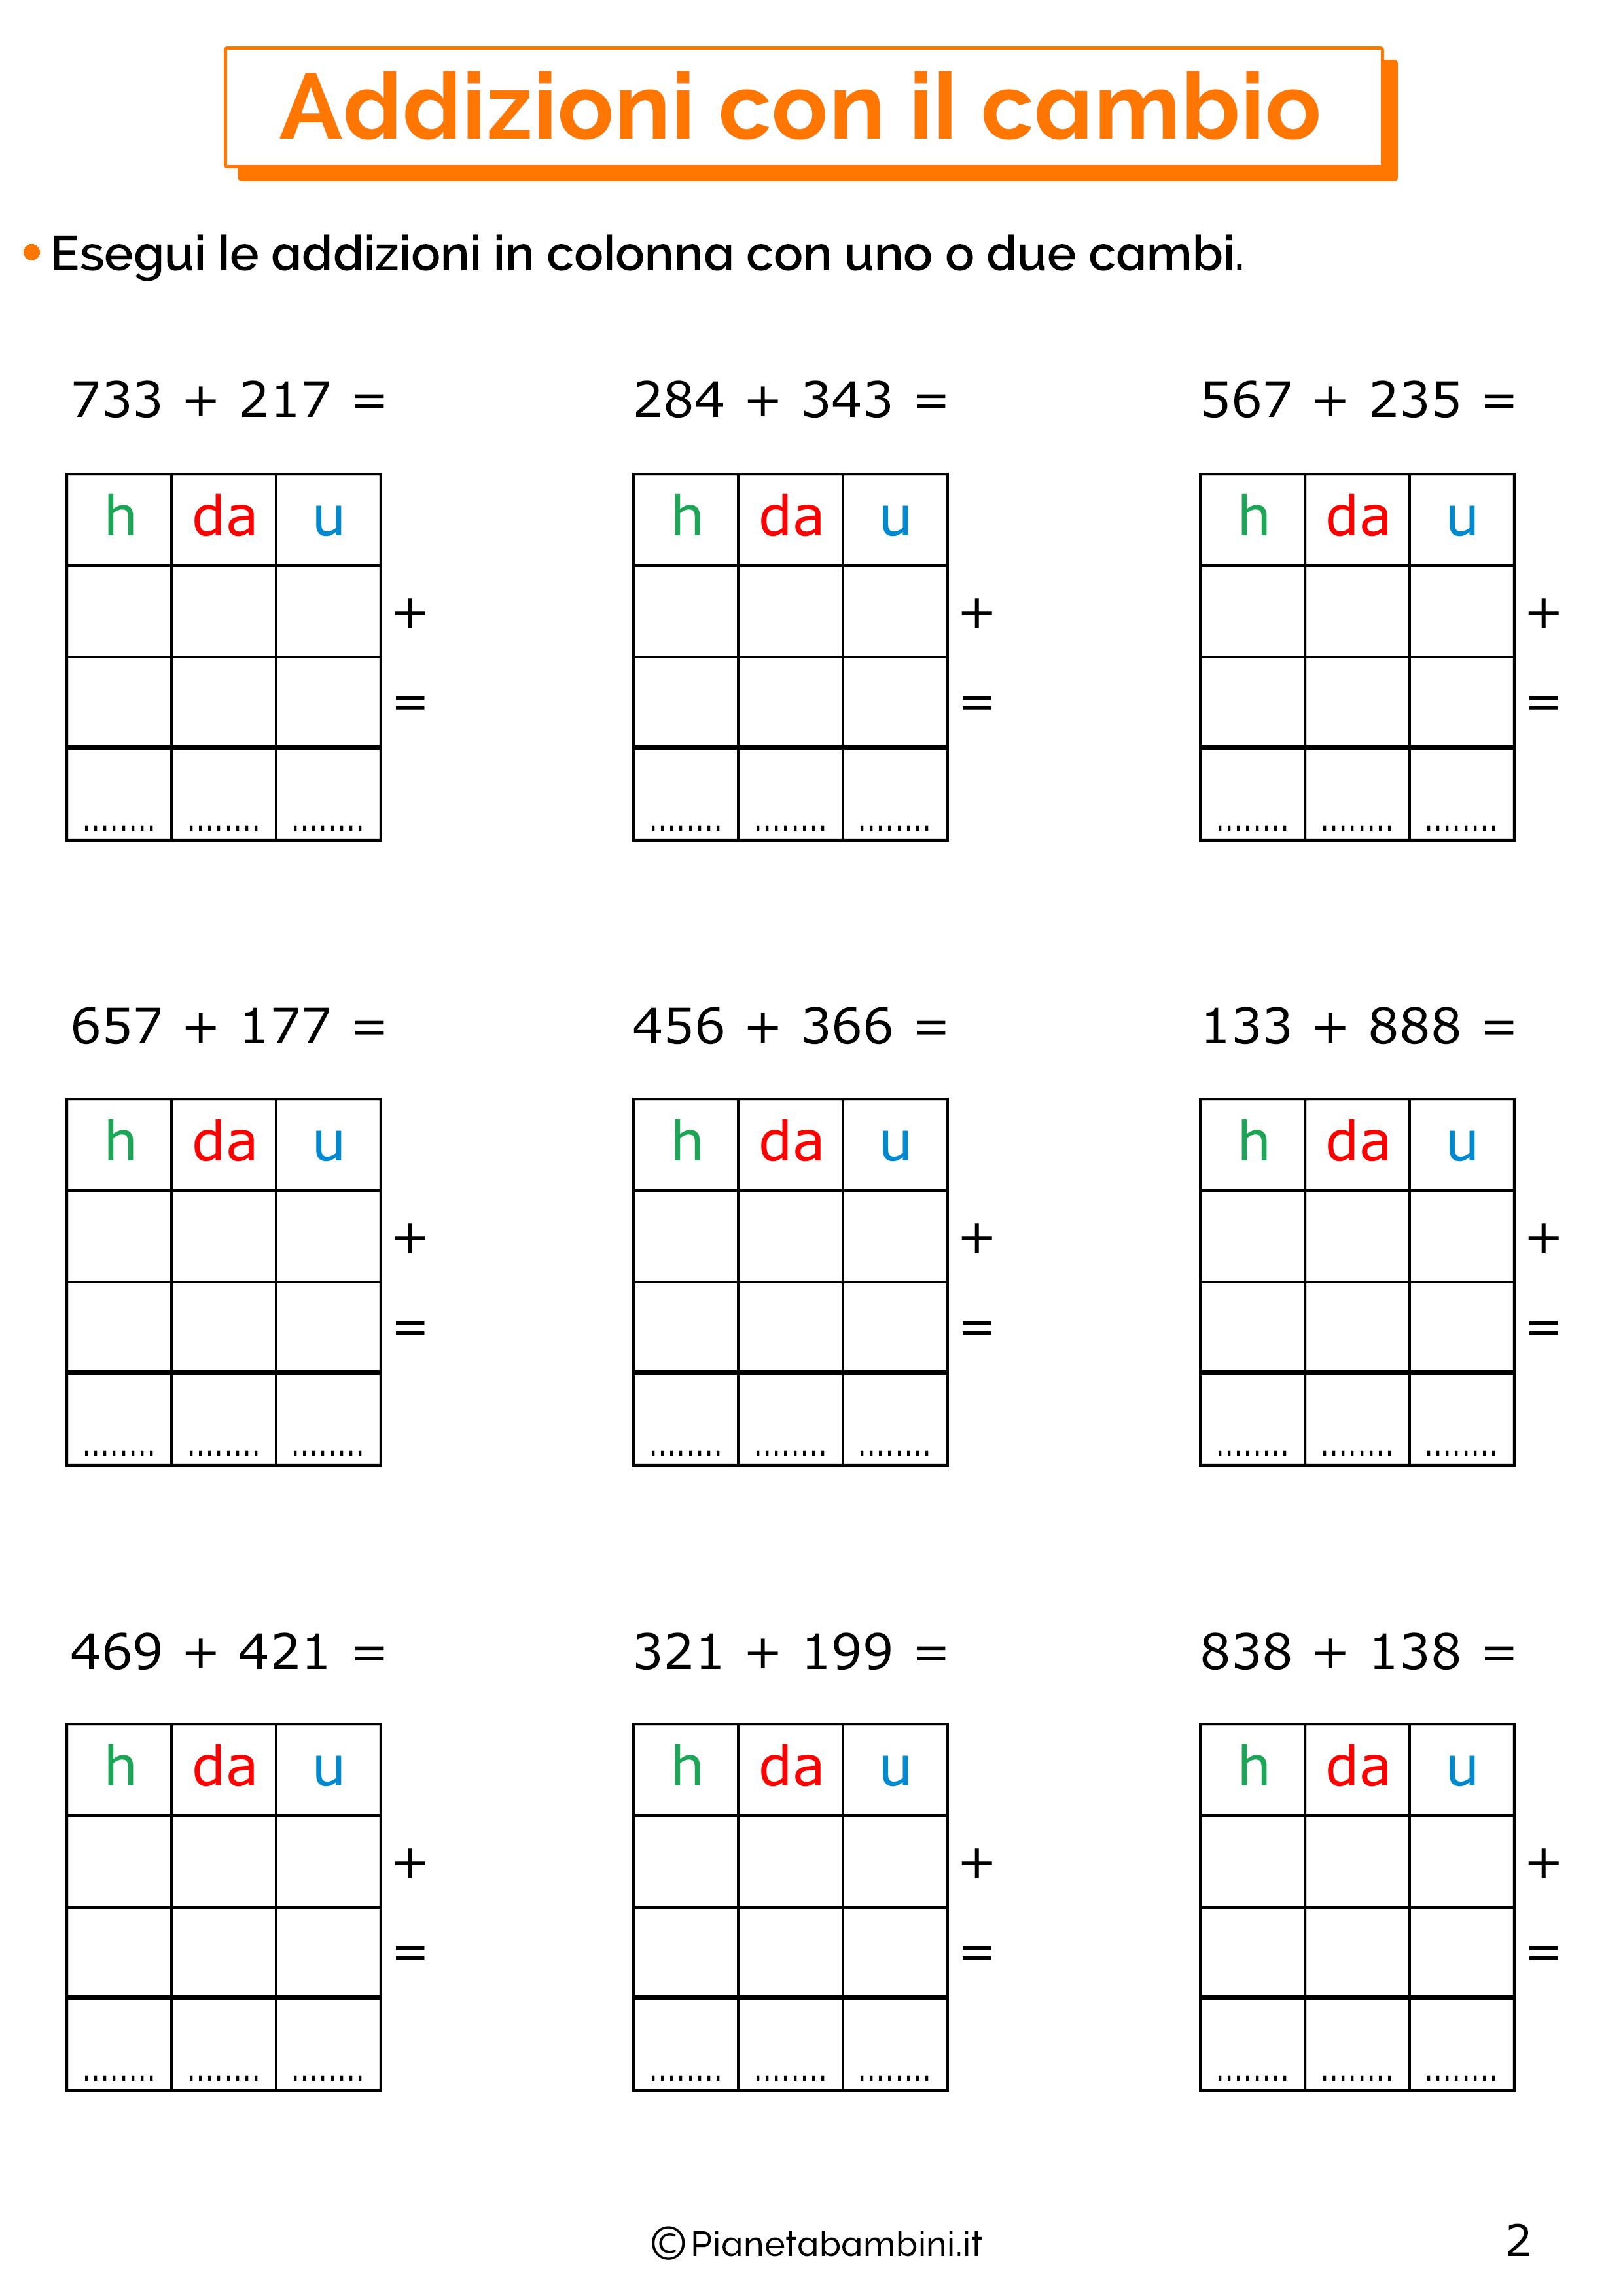 Addizioni in colonna con il cambio a tre cifre per la classe terza 2